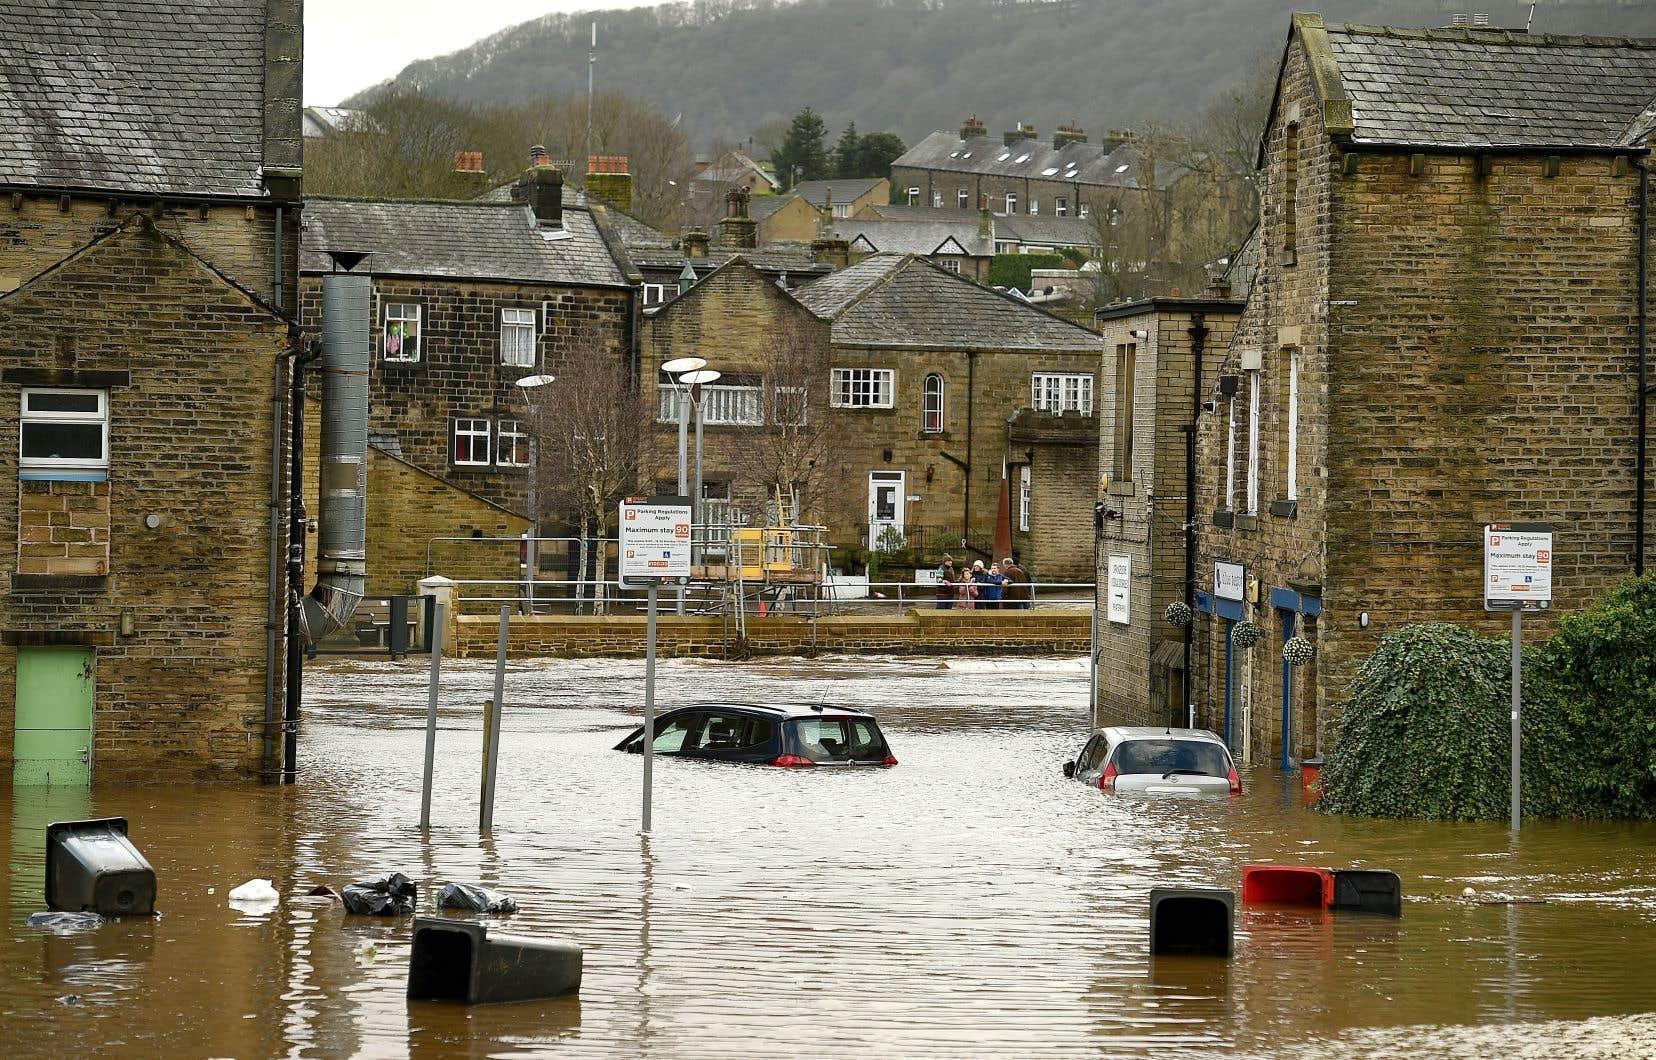 Des rues étaient submergées dimanche à Mytholmroyd au centre de la Grande-Bretagne après que la rivière Calder fut sortie de son lit.